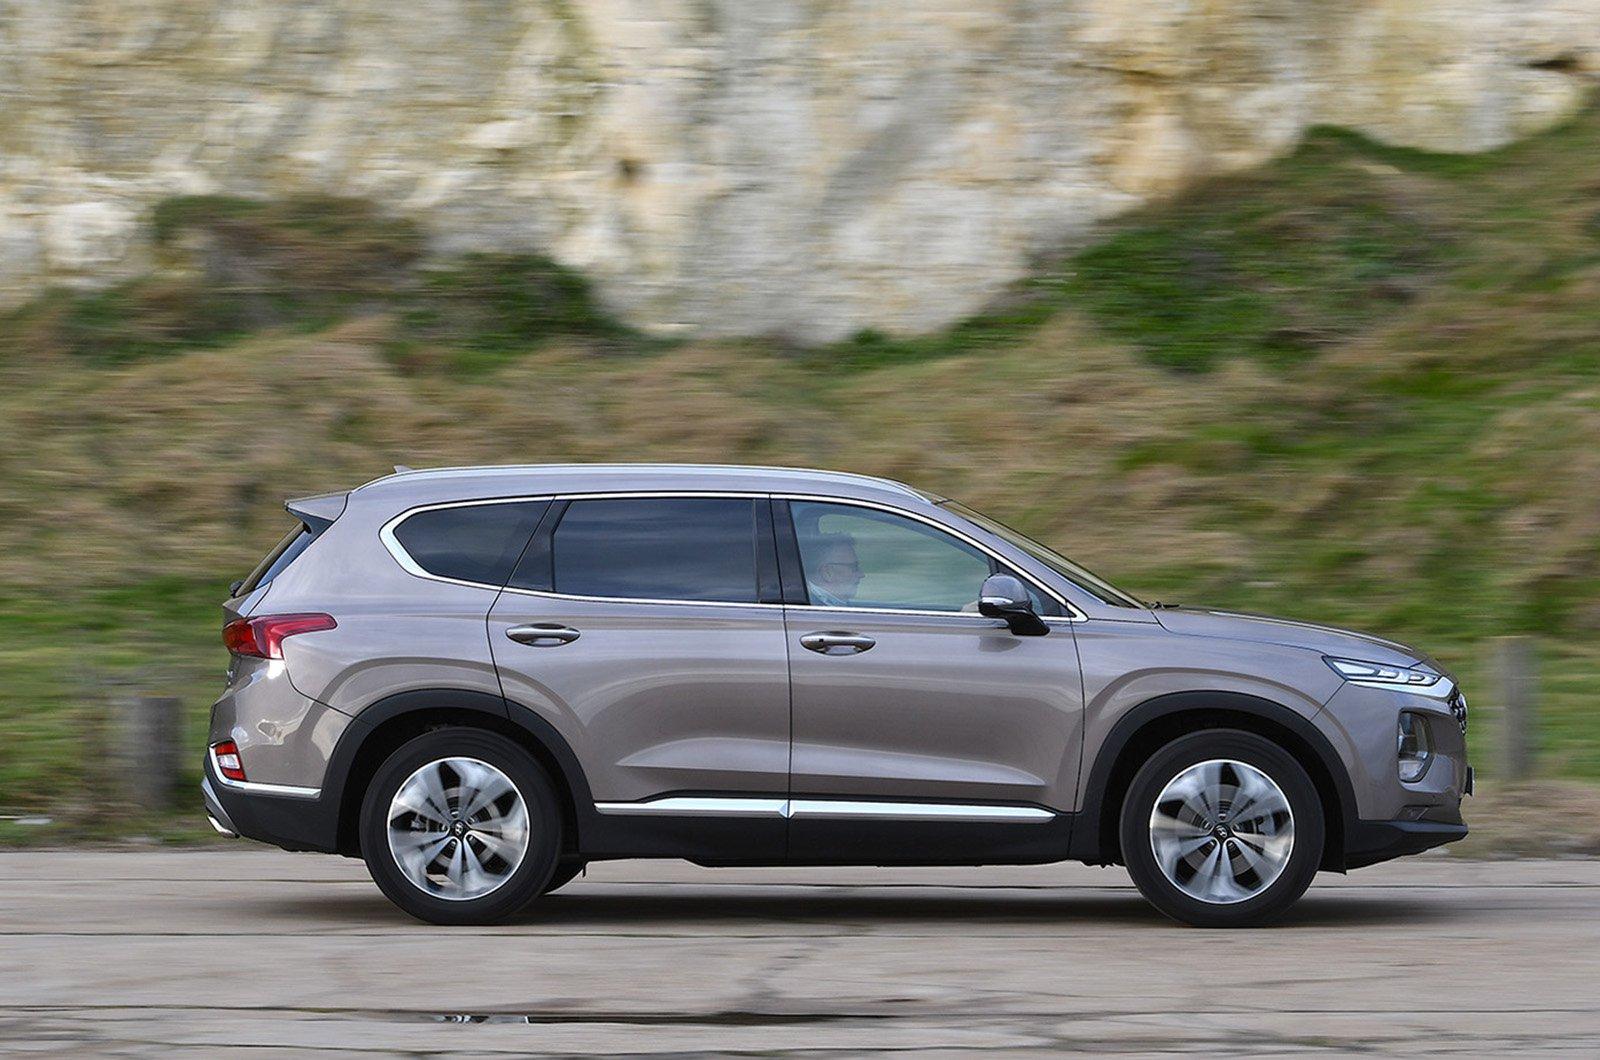 Hyundai Santa Fe side